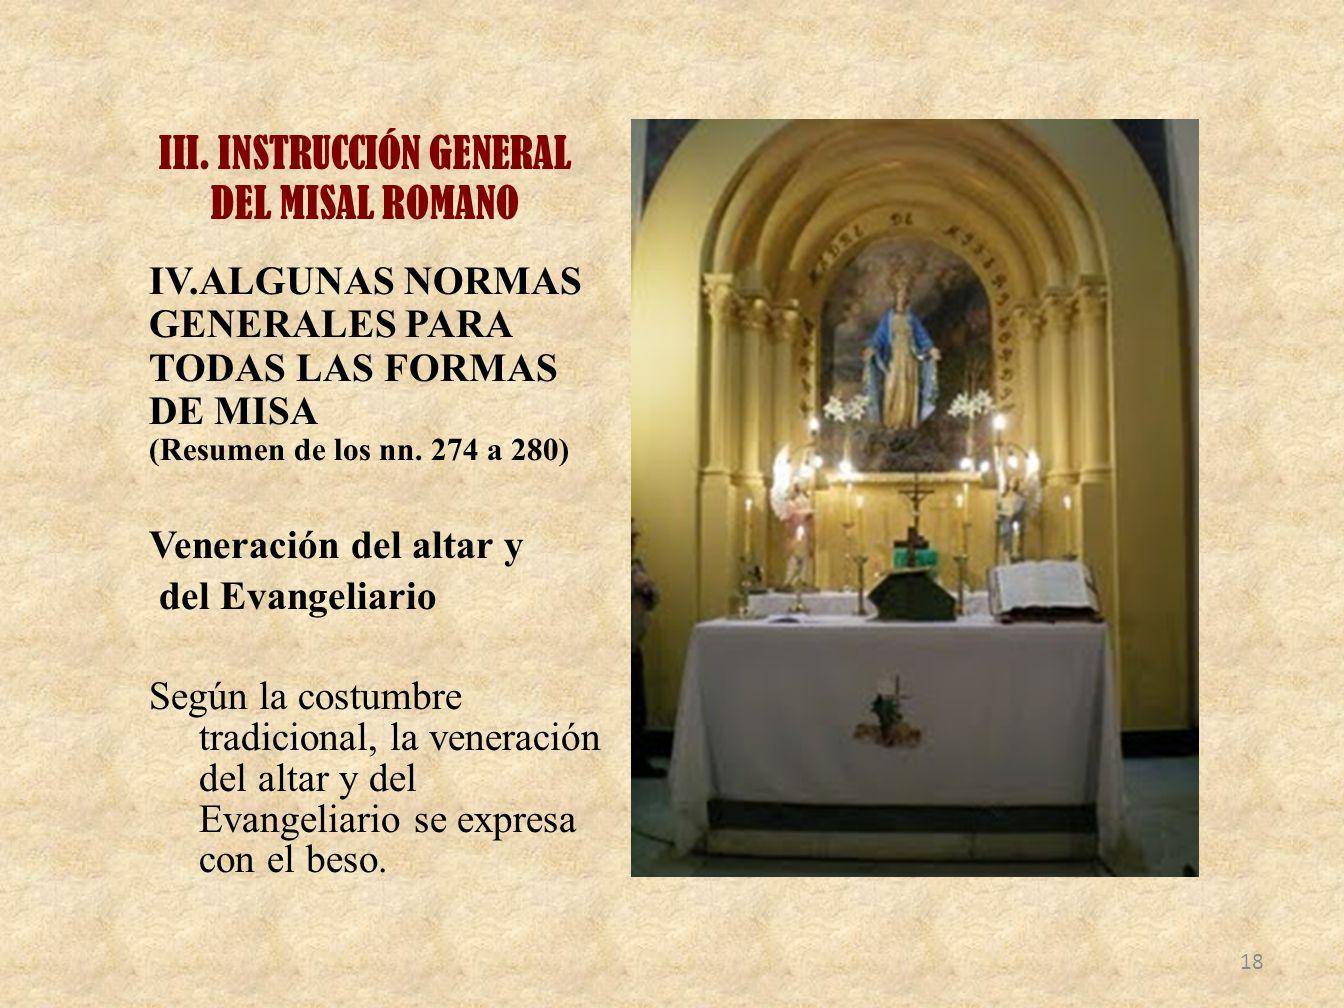 III. INSTRUCCIÓN GENERAL DEL MISAL ROMANO IV.ALGUNAS NORMAS GENERALES PARA TODAS LAS FORMAS DE MISA (Resumen de los nn. 274 a 280) Veneración del alta